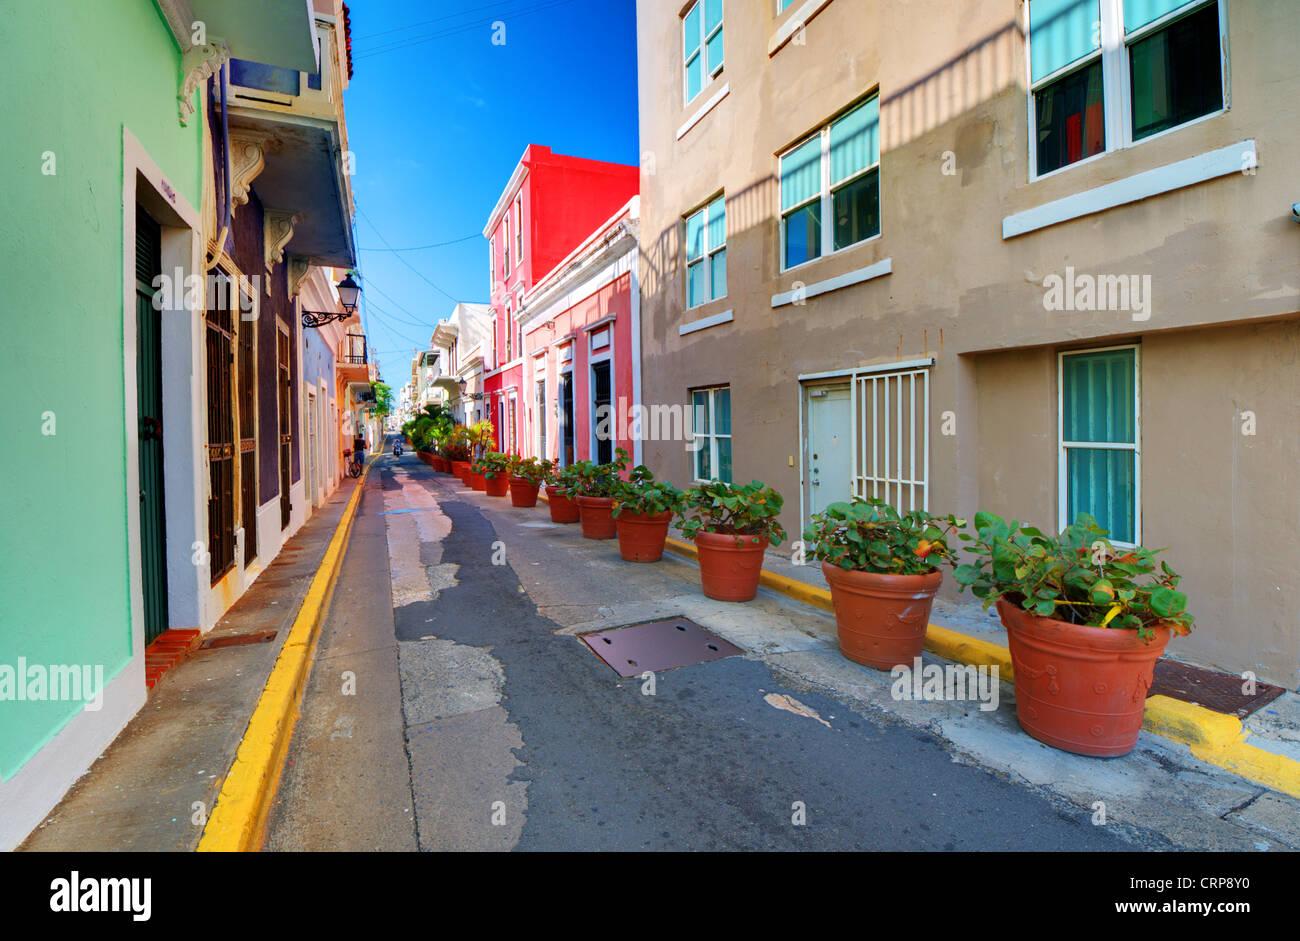 Ruelle de la vieille ville de San Juan, Puerto Rico. Photo Stock